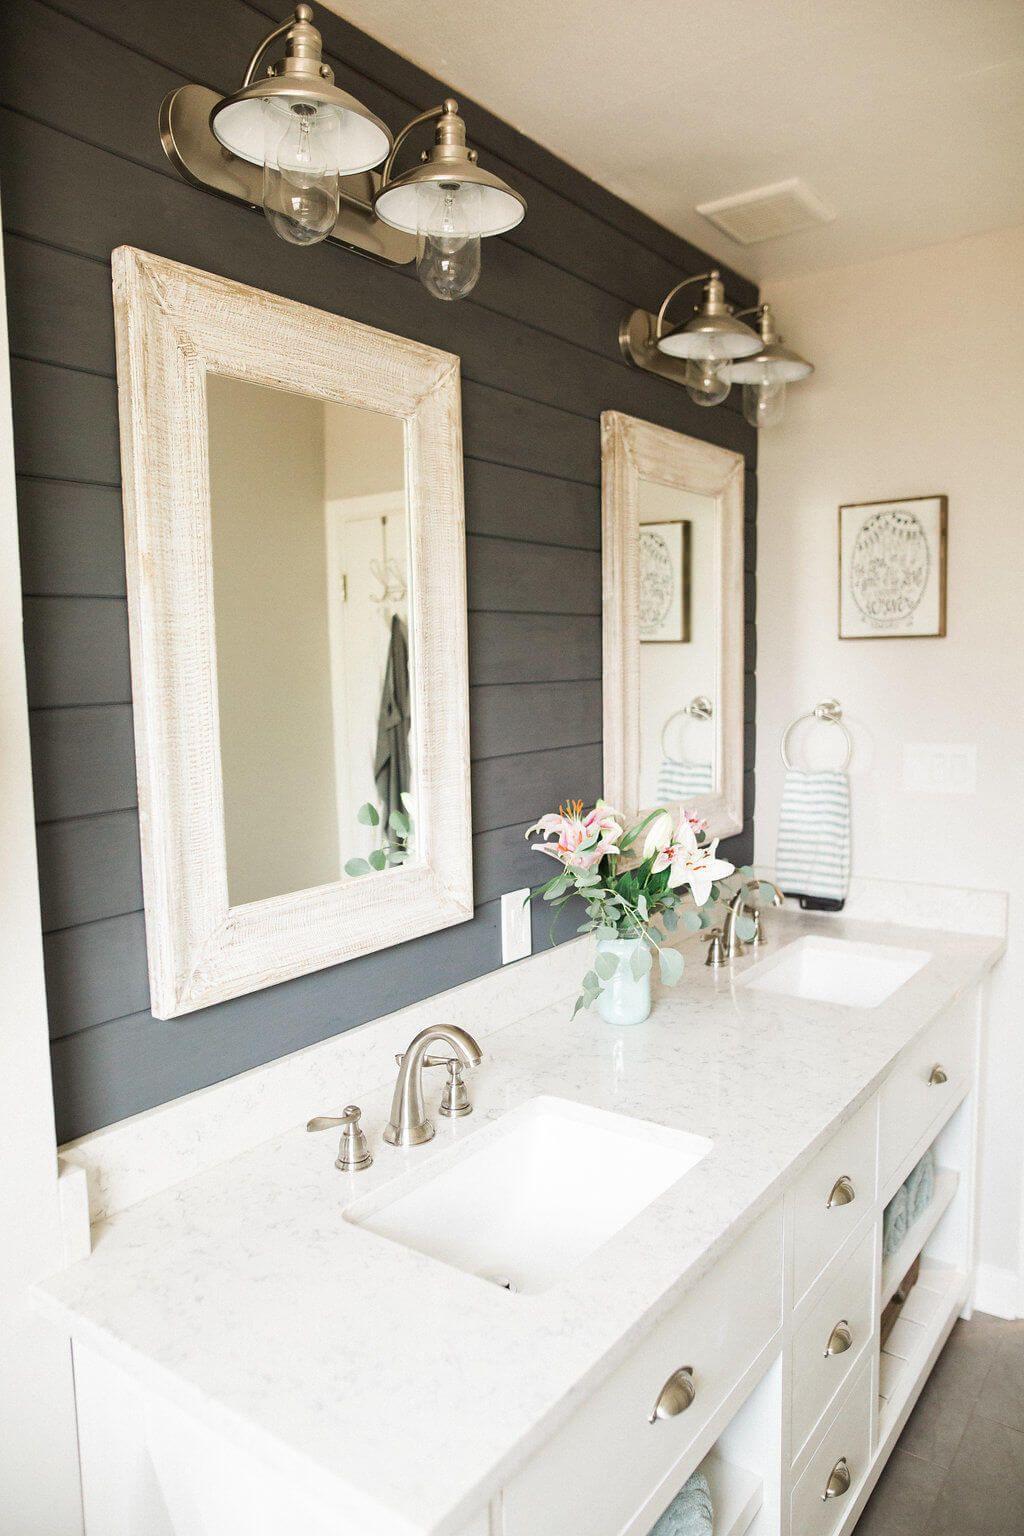 Badezimmer design rustikal  rustikal bis ultramoderne badezimmerideen für ihre nächste